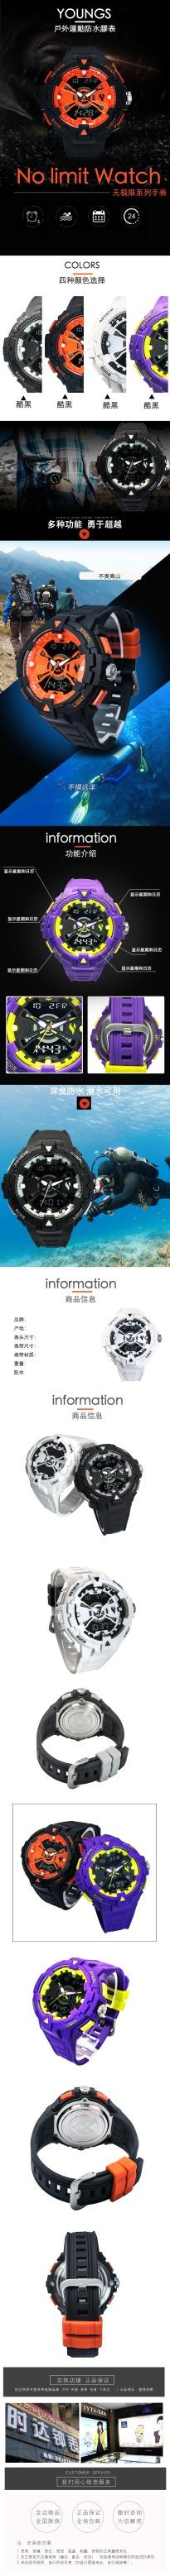 简约时尚炫酷手表电商详情图